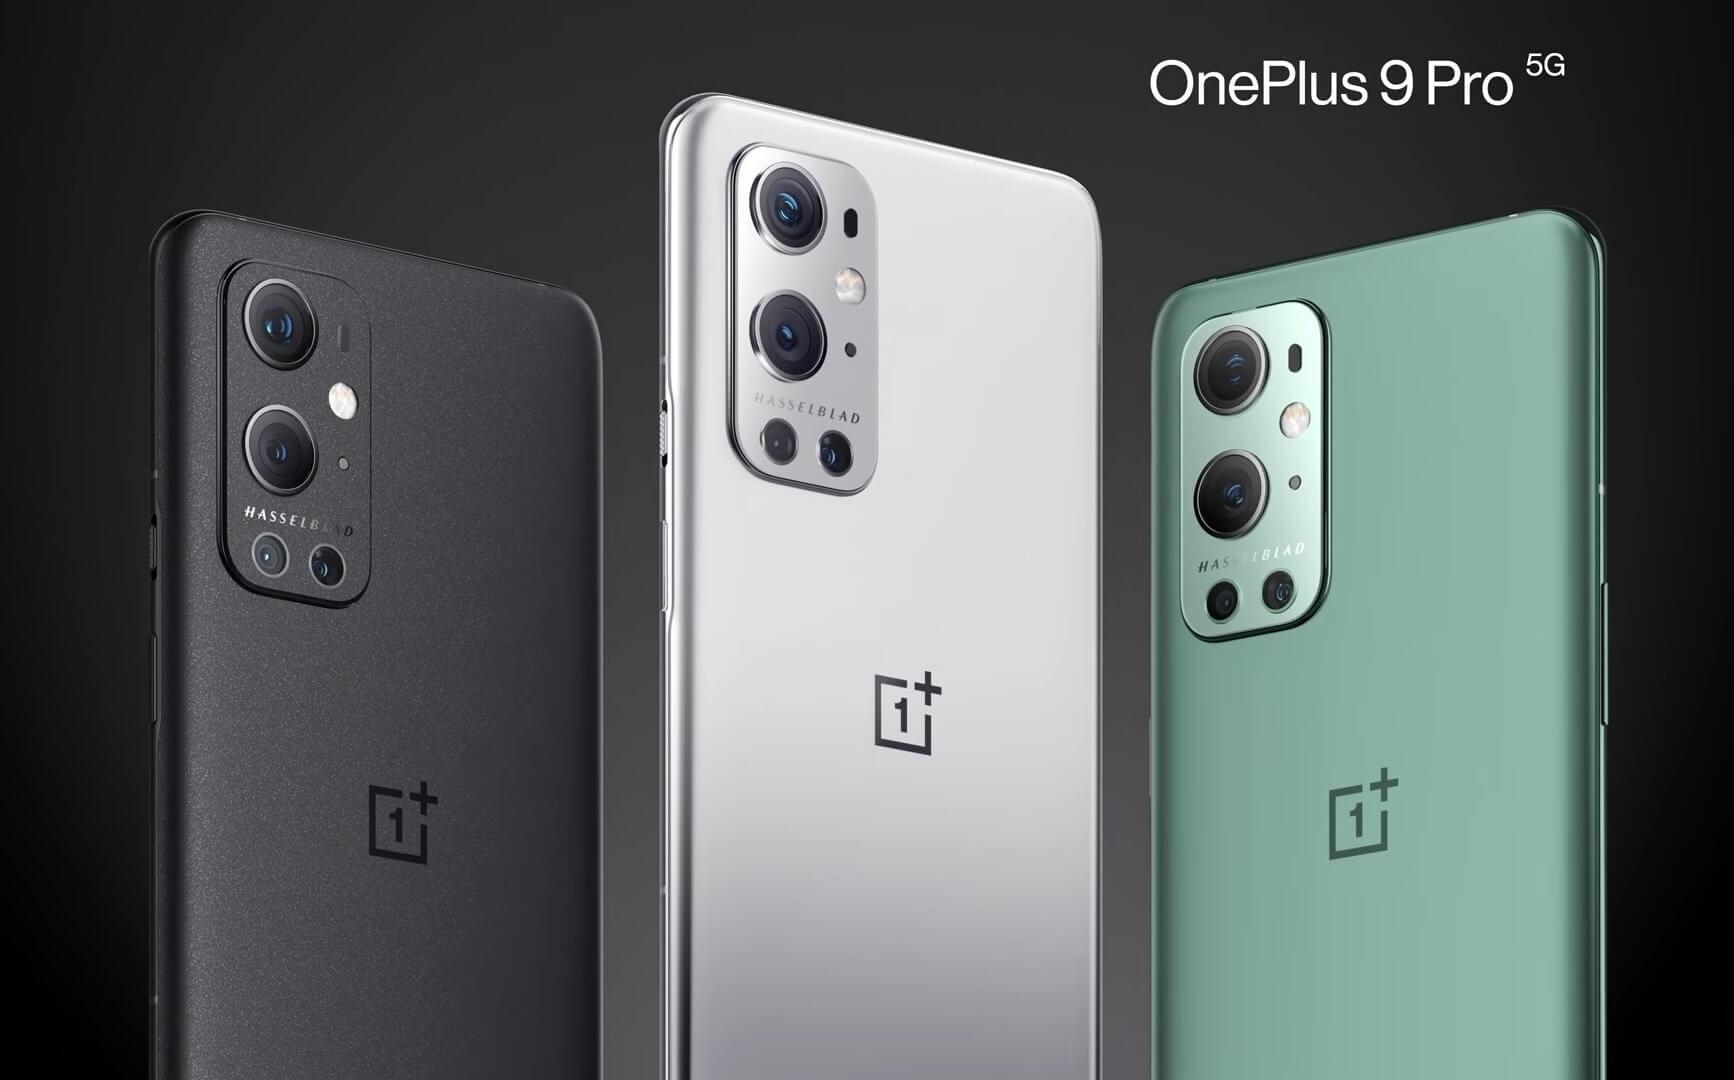 OnePlus 9 Proは3色のカラーバリエーション